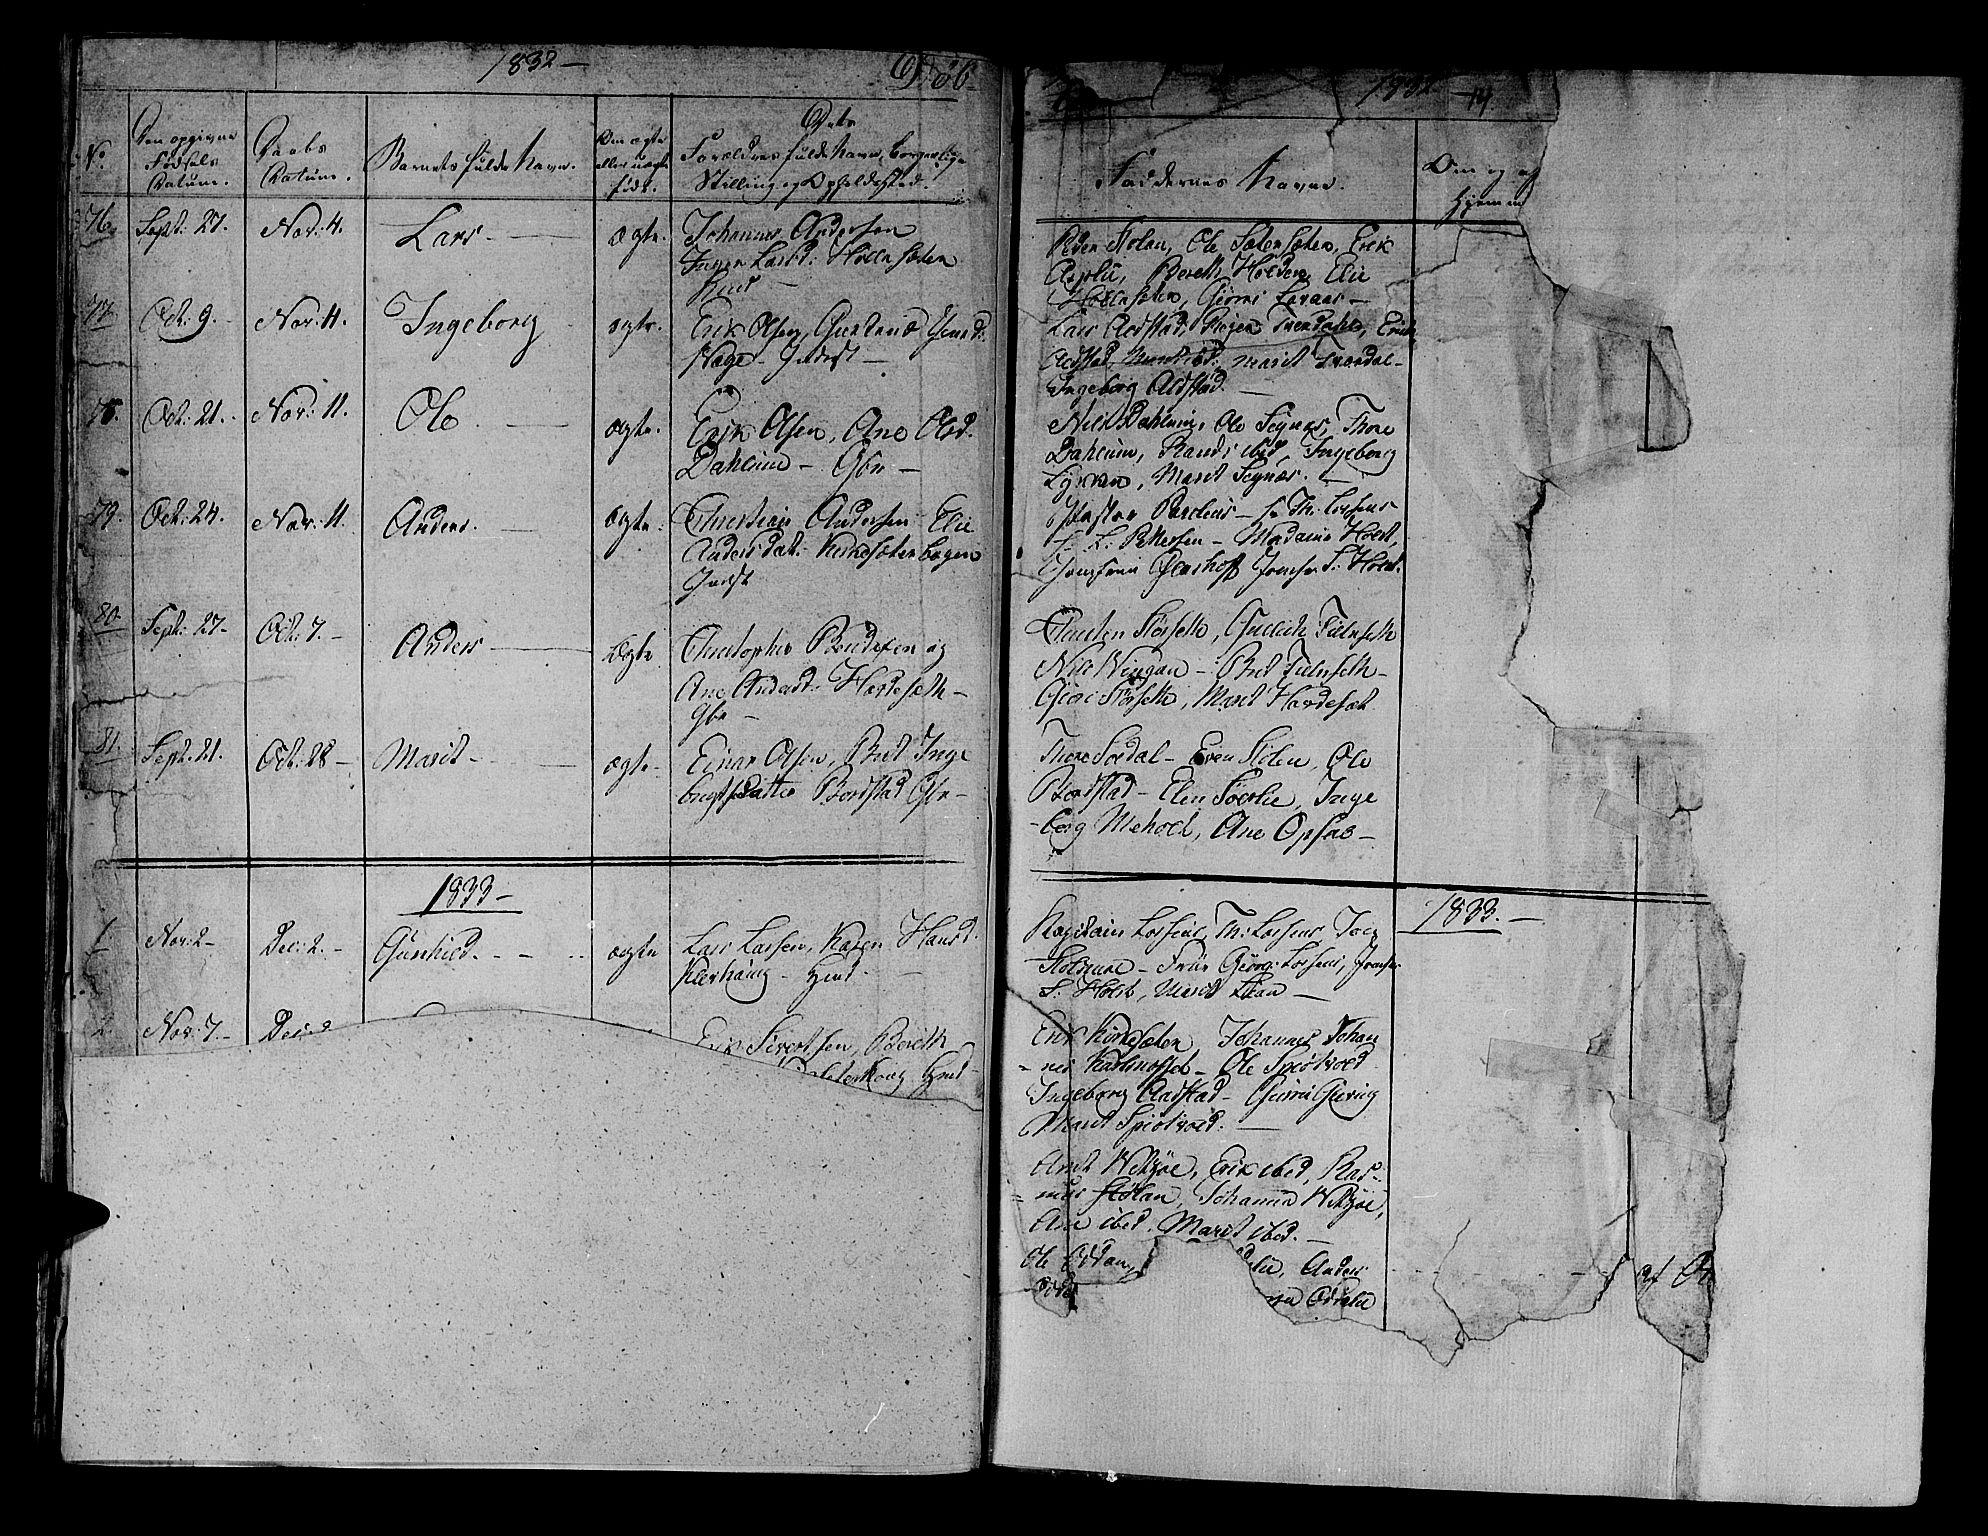 SAT, Ministerialprotokoller, klokkerbøker og fødselsregistre - Sør-Trøndelag, 630/L0492: Ministerialbok nr. 630A05, 1830-1840, s. 14